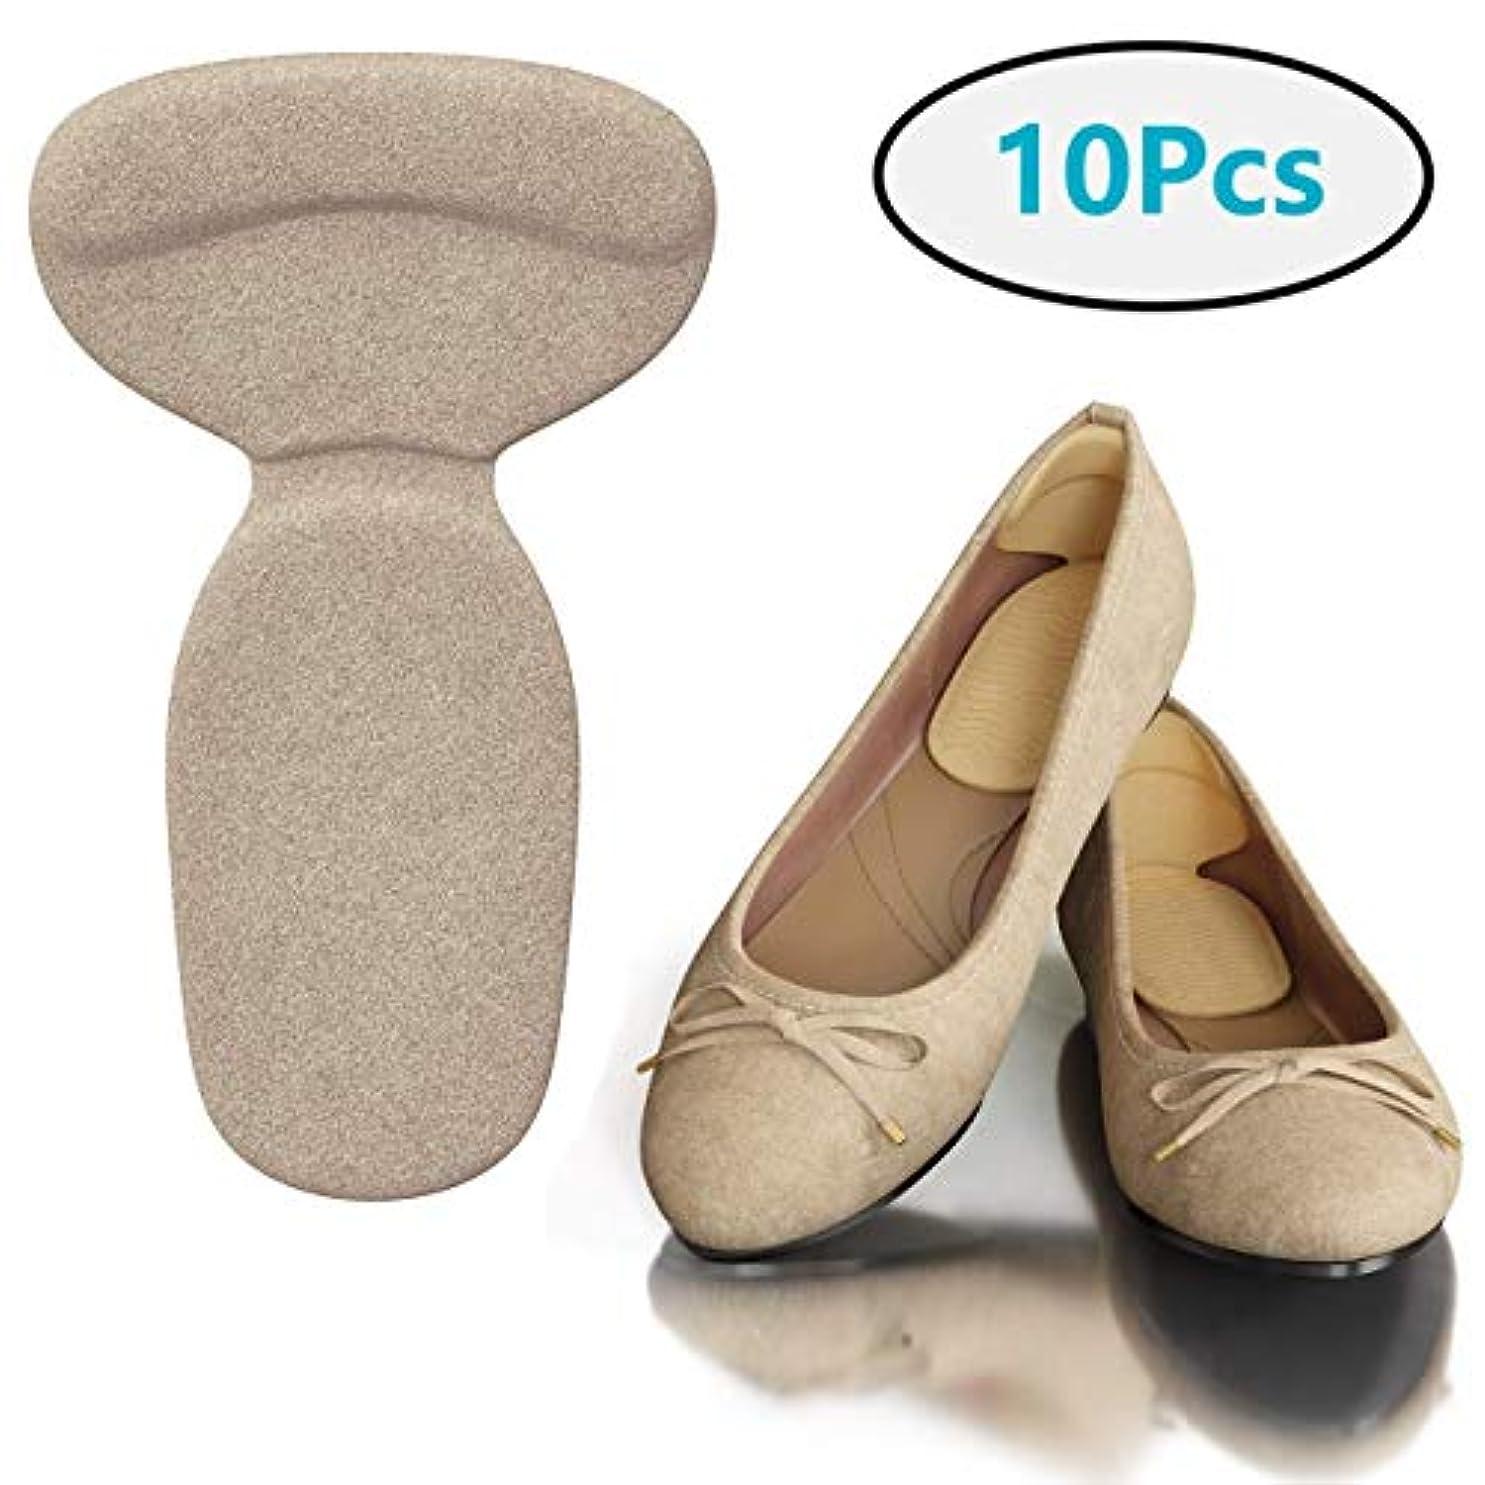 シャイニング芽バーガー大きすぎる靴のヒールグリップ-10靴インサートパッド-足の痛みの軽減、足底筋膜炎、骨の痛み、アキレスの痛みのためのジェルヒールカップ